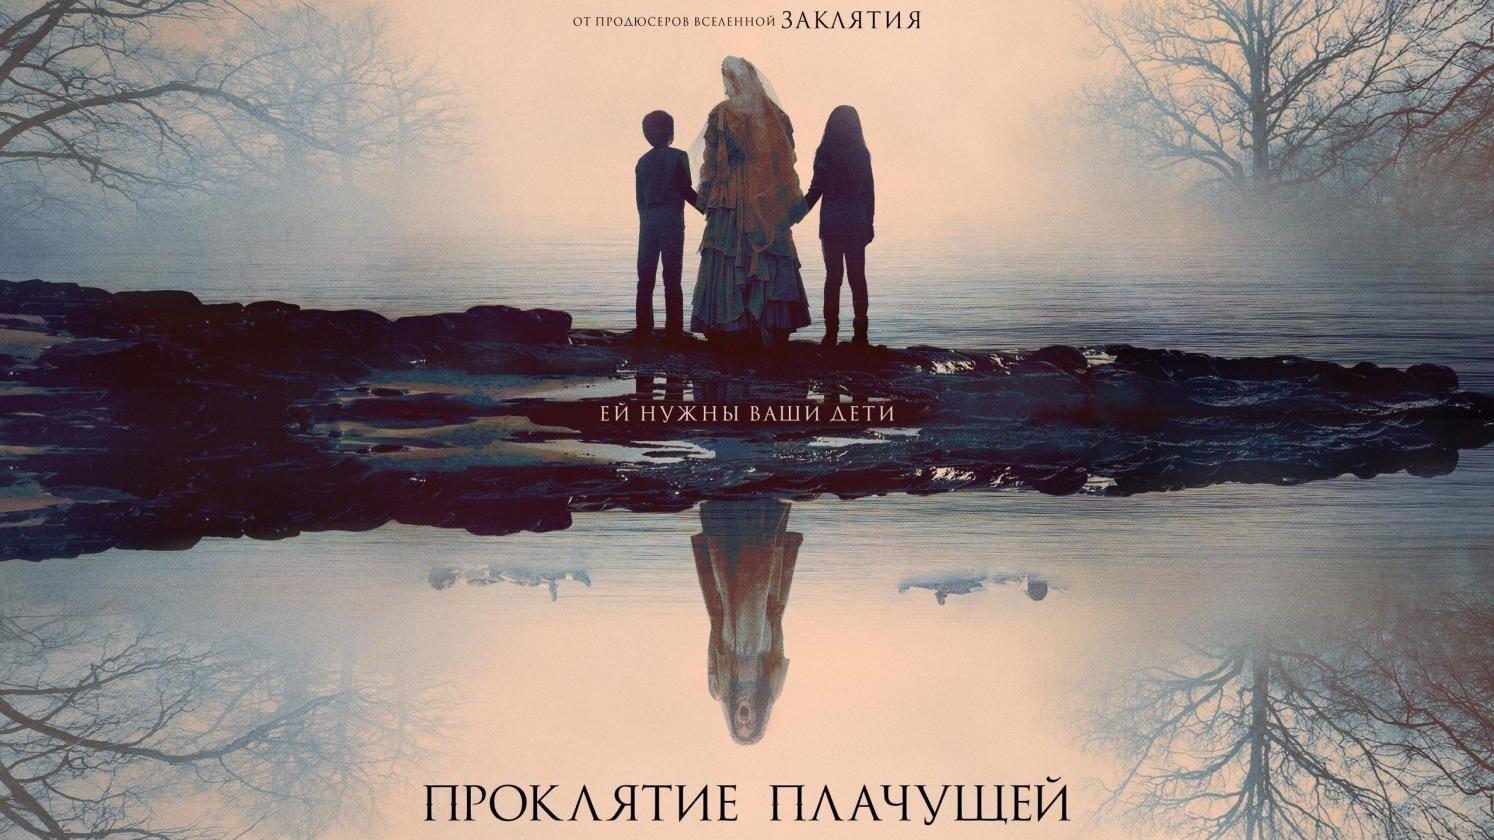 Первый трейлер хоррора «Проклятие плачущей» от Джеймса Вана